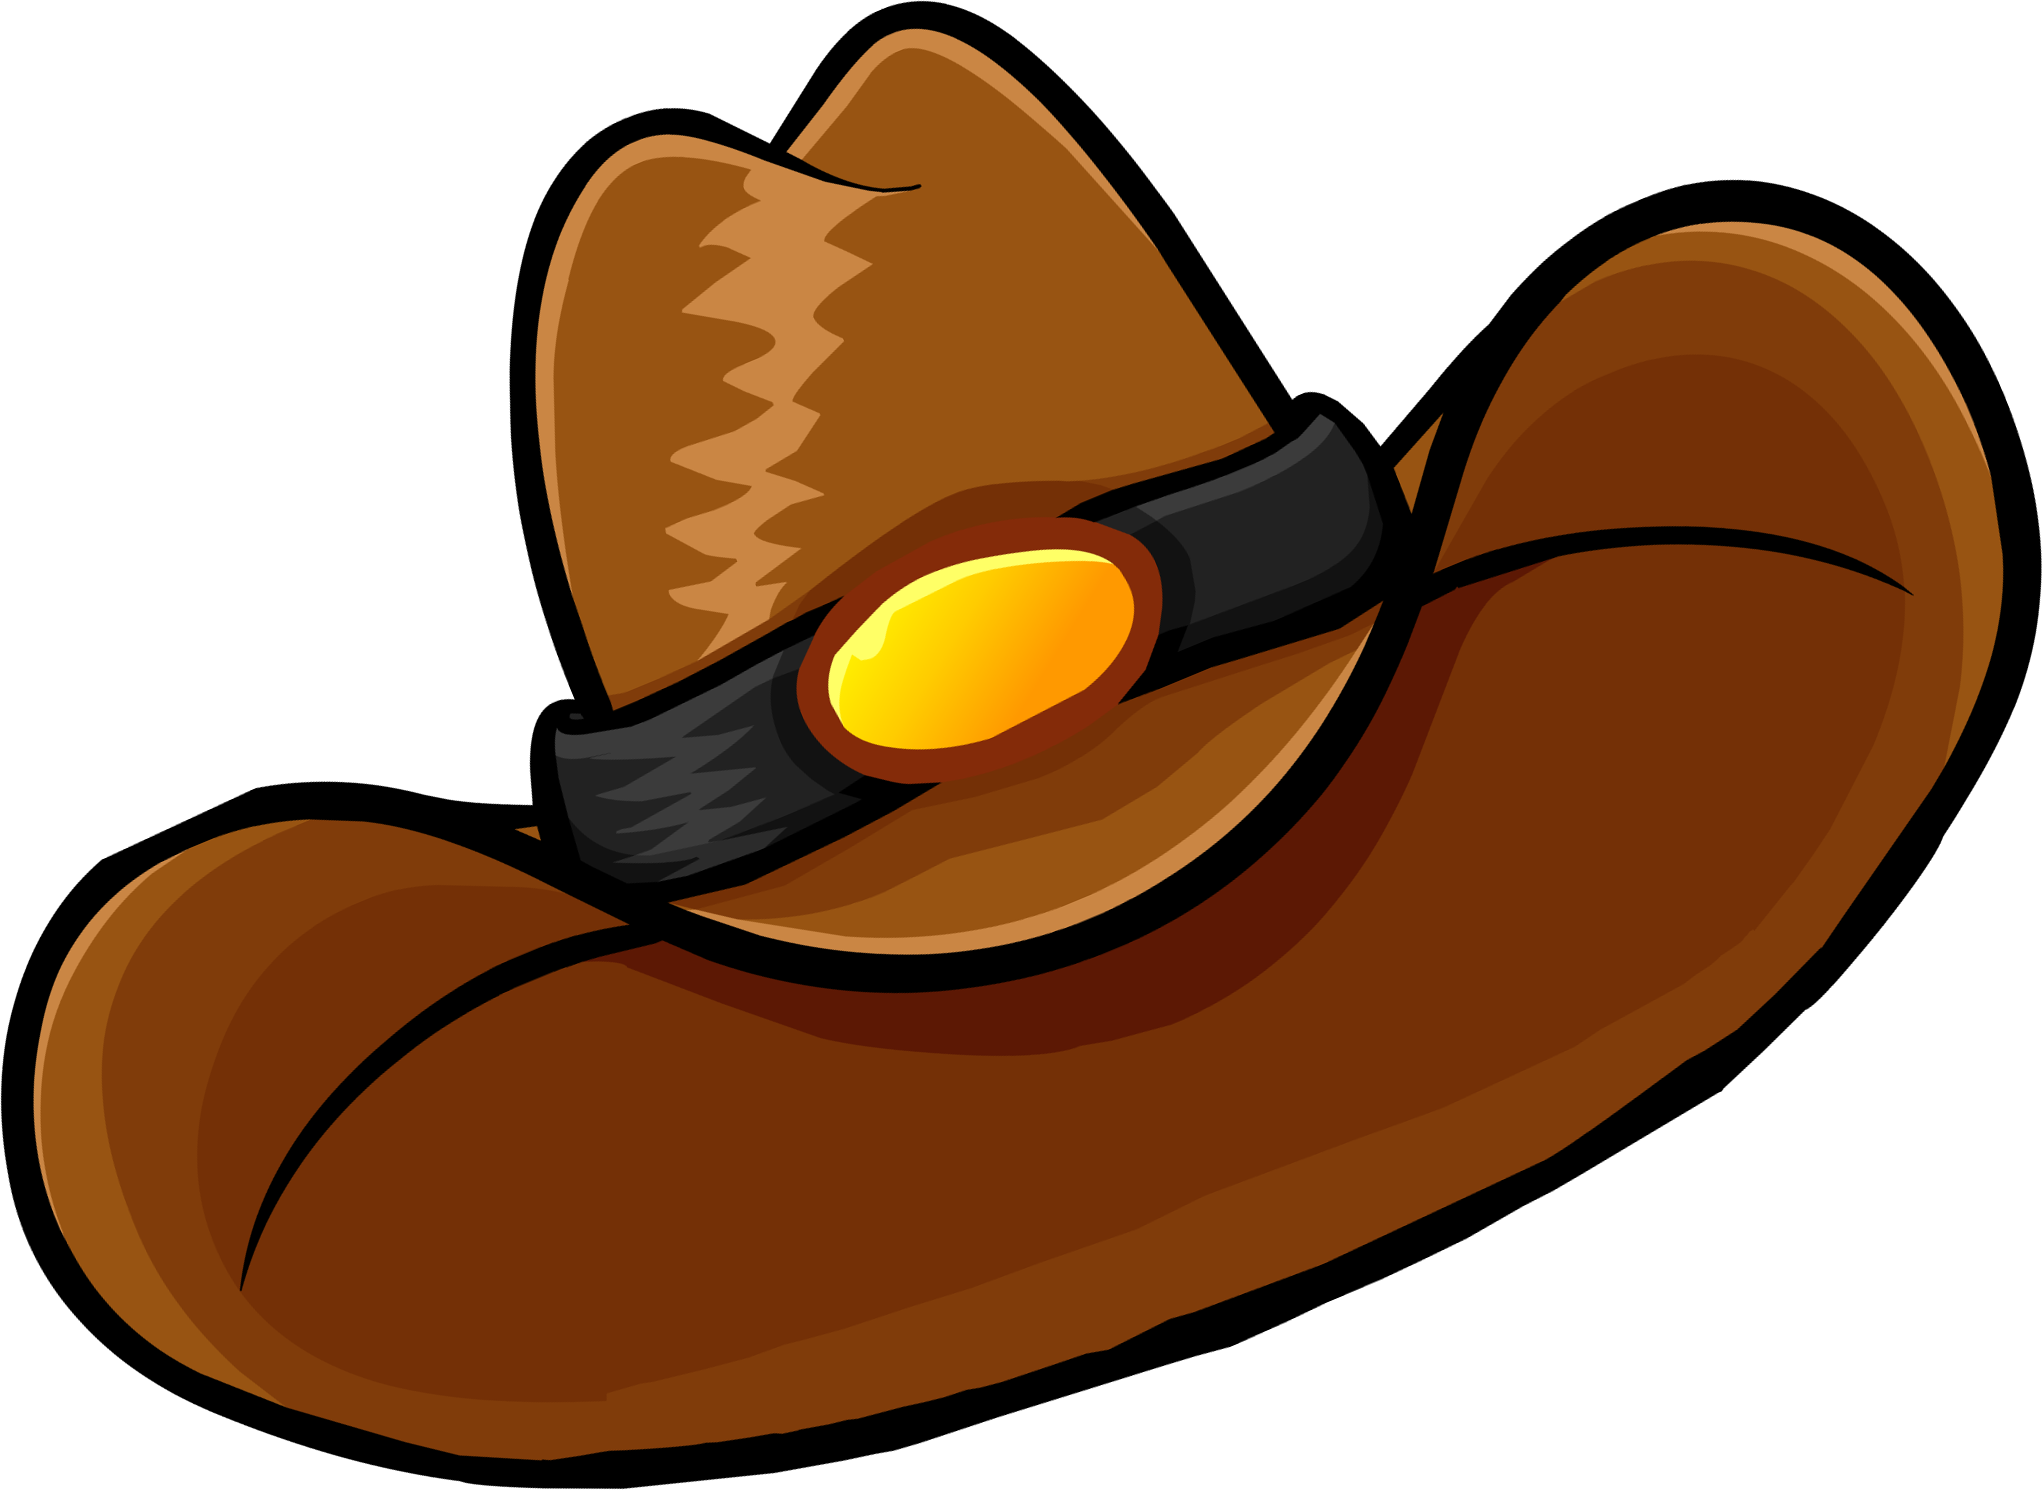 Wild West clipart cap #7